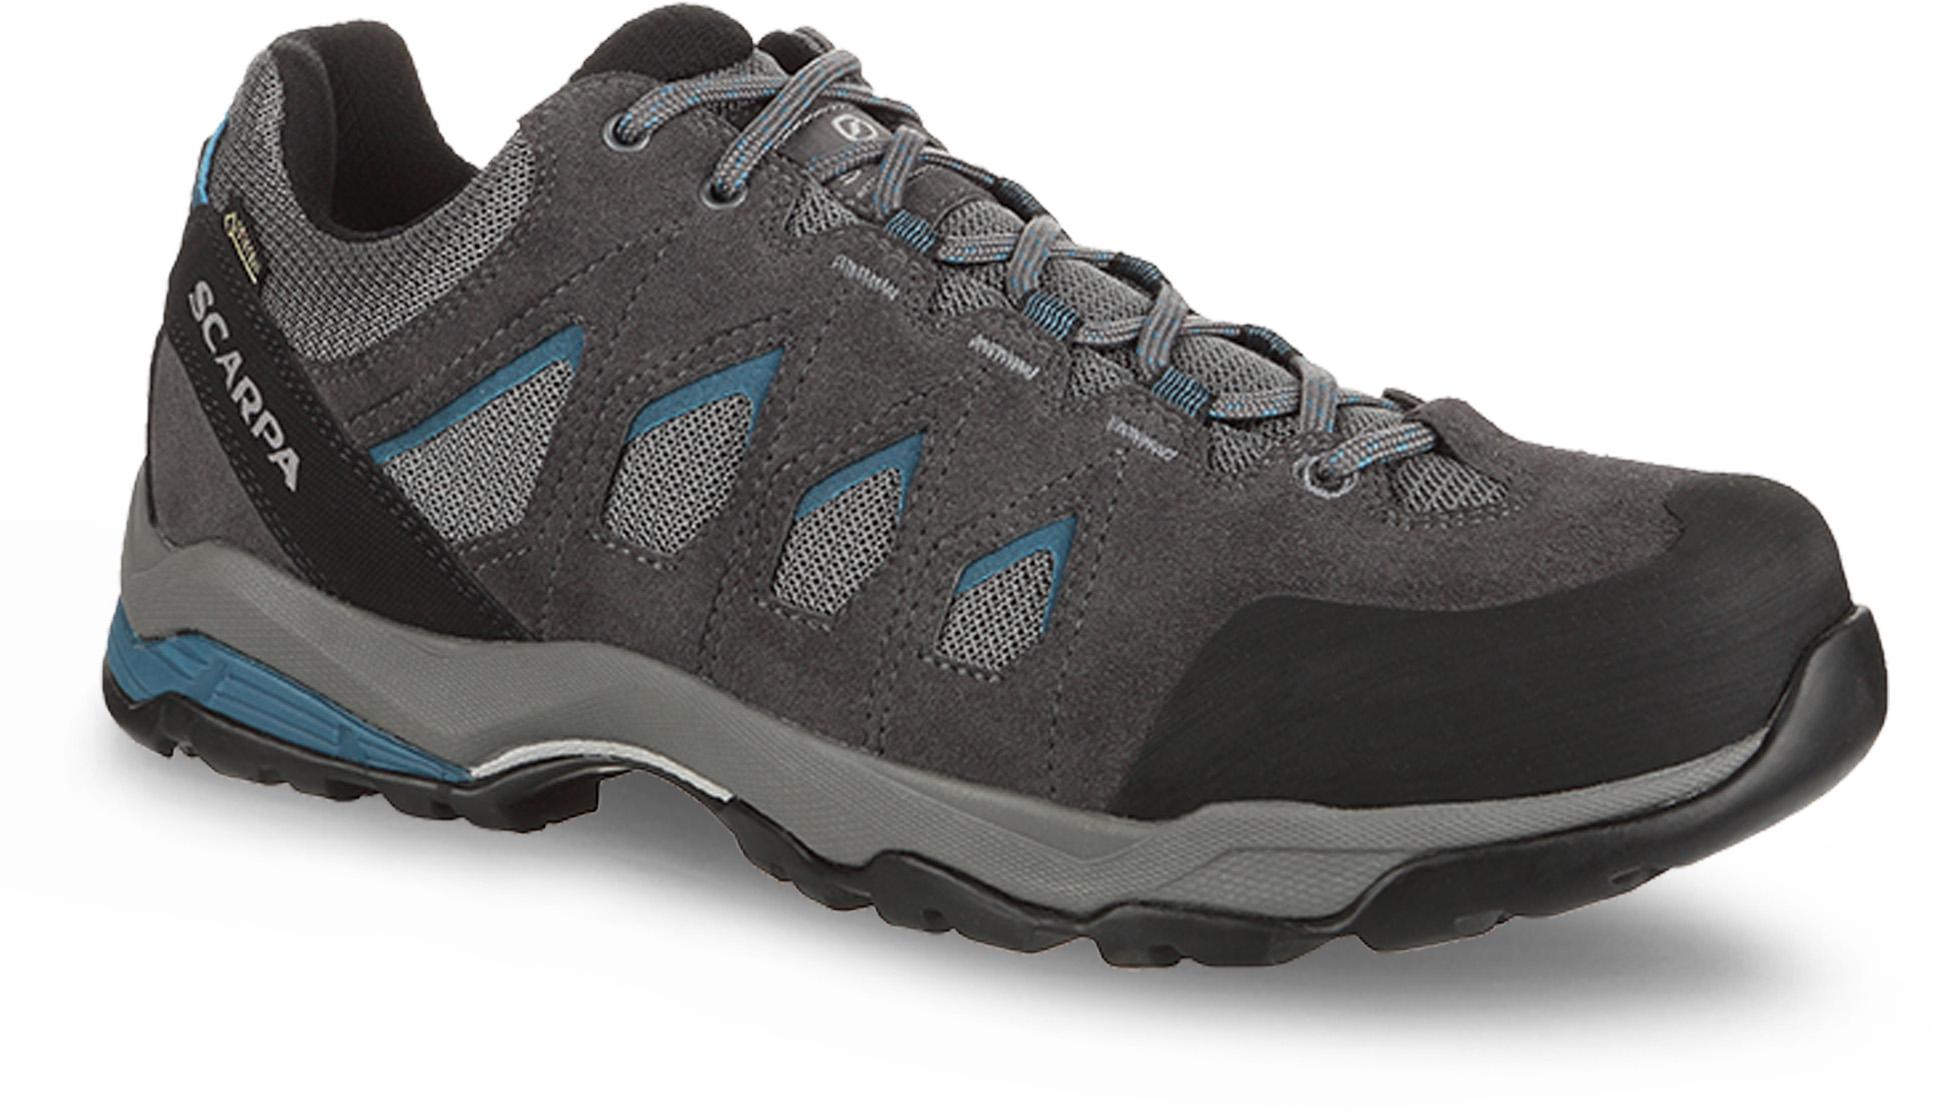 c345d2790d13 Scarpa Moraine Gore-Tex Light Trail Shoes - Men s